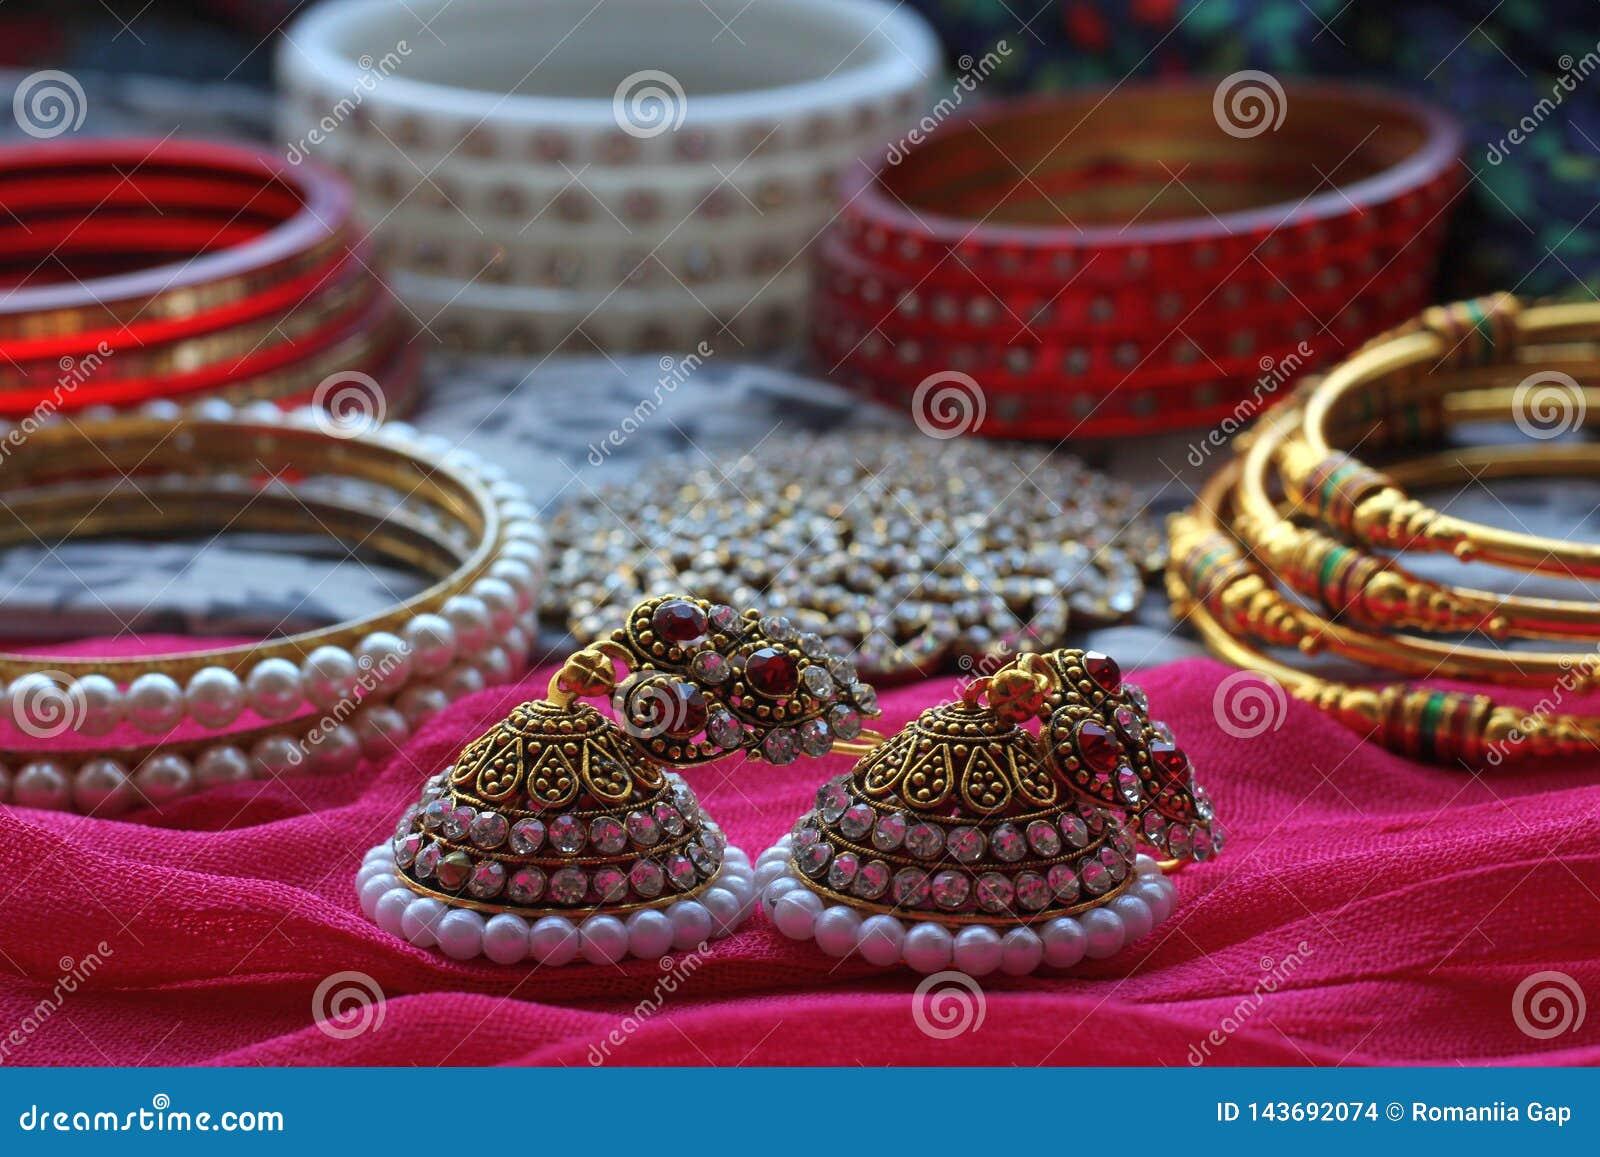 A decoração indiana do cabelo, assim como muitos braceletes e bolas encontram-se em um lenço tradicional colorido